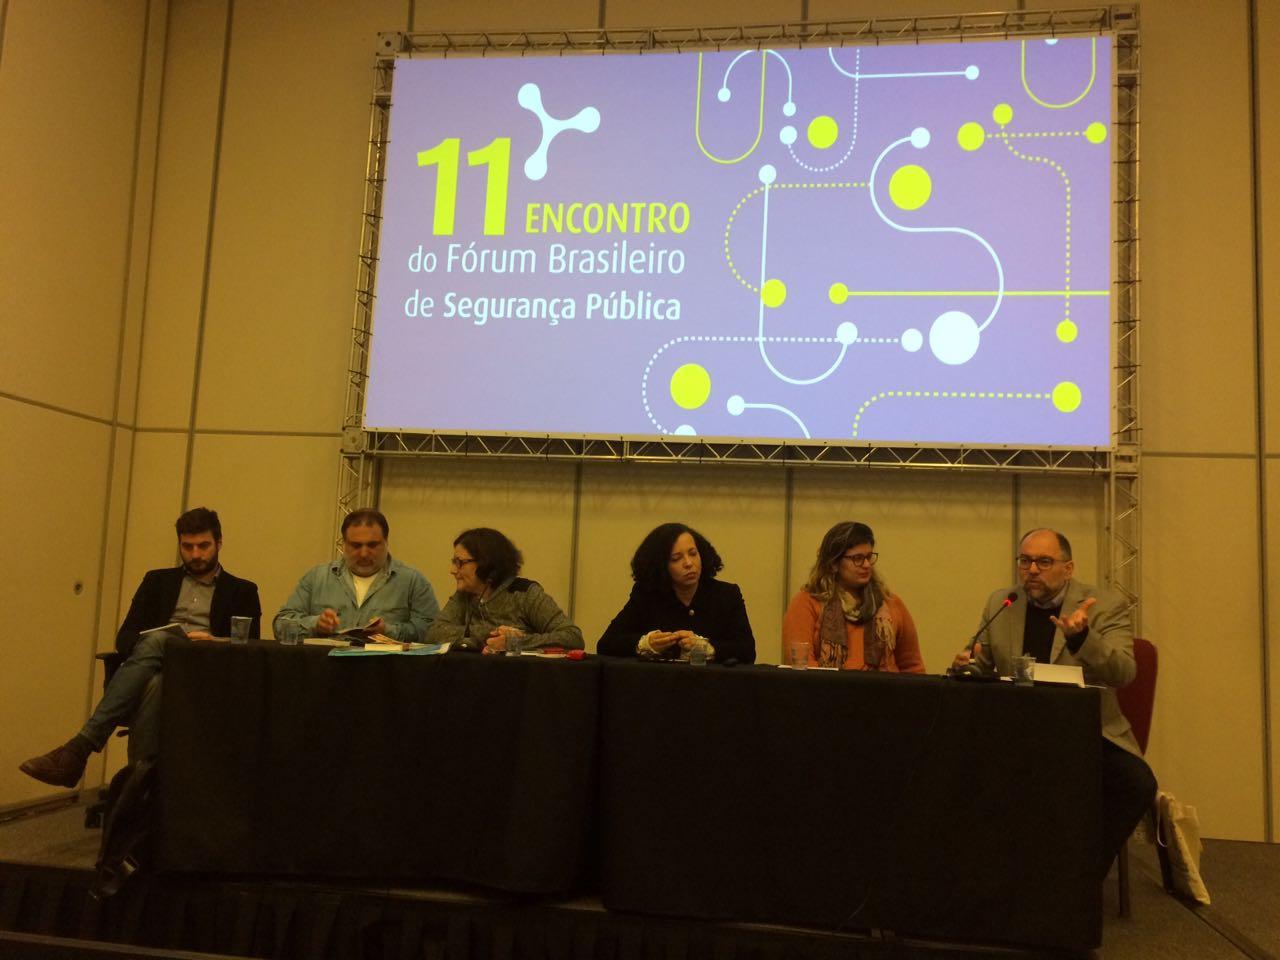 Debate Violência Armada e Escola Credito Bruna Ribeiro